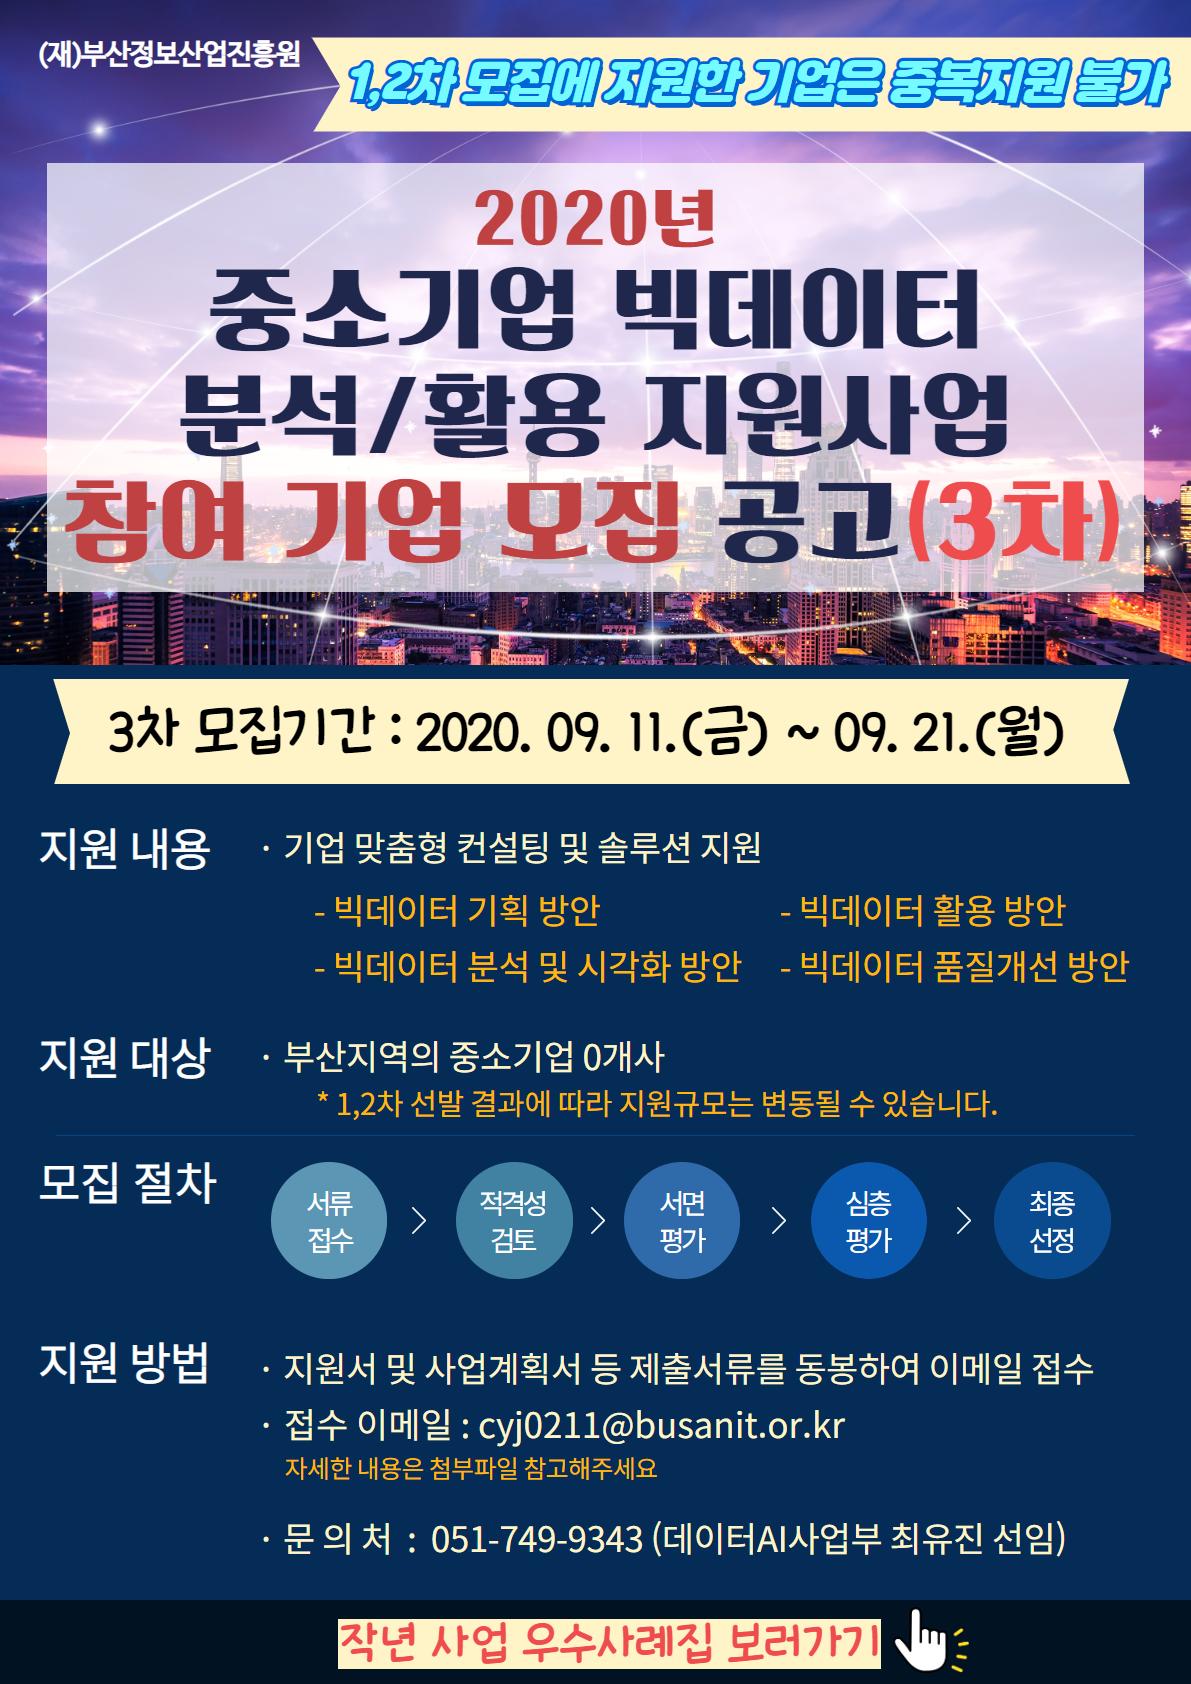 2020년 중소기업 빅데이터 분석 활용 지원사업 참여기업 모집공고(3차모집)